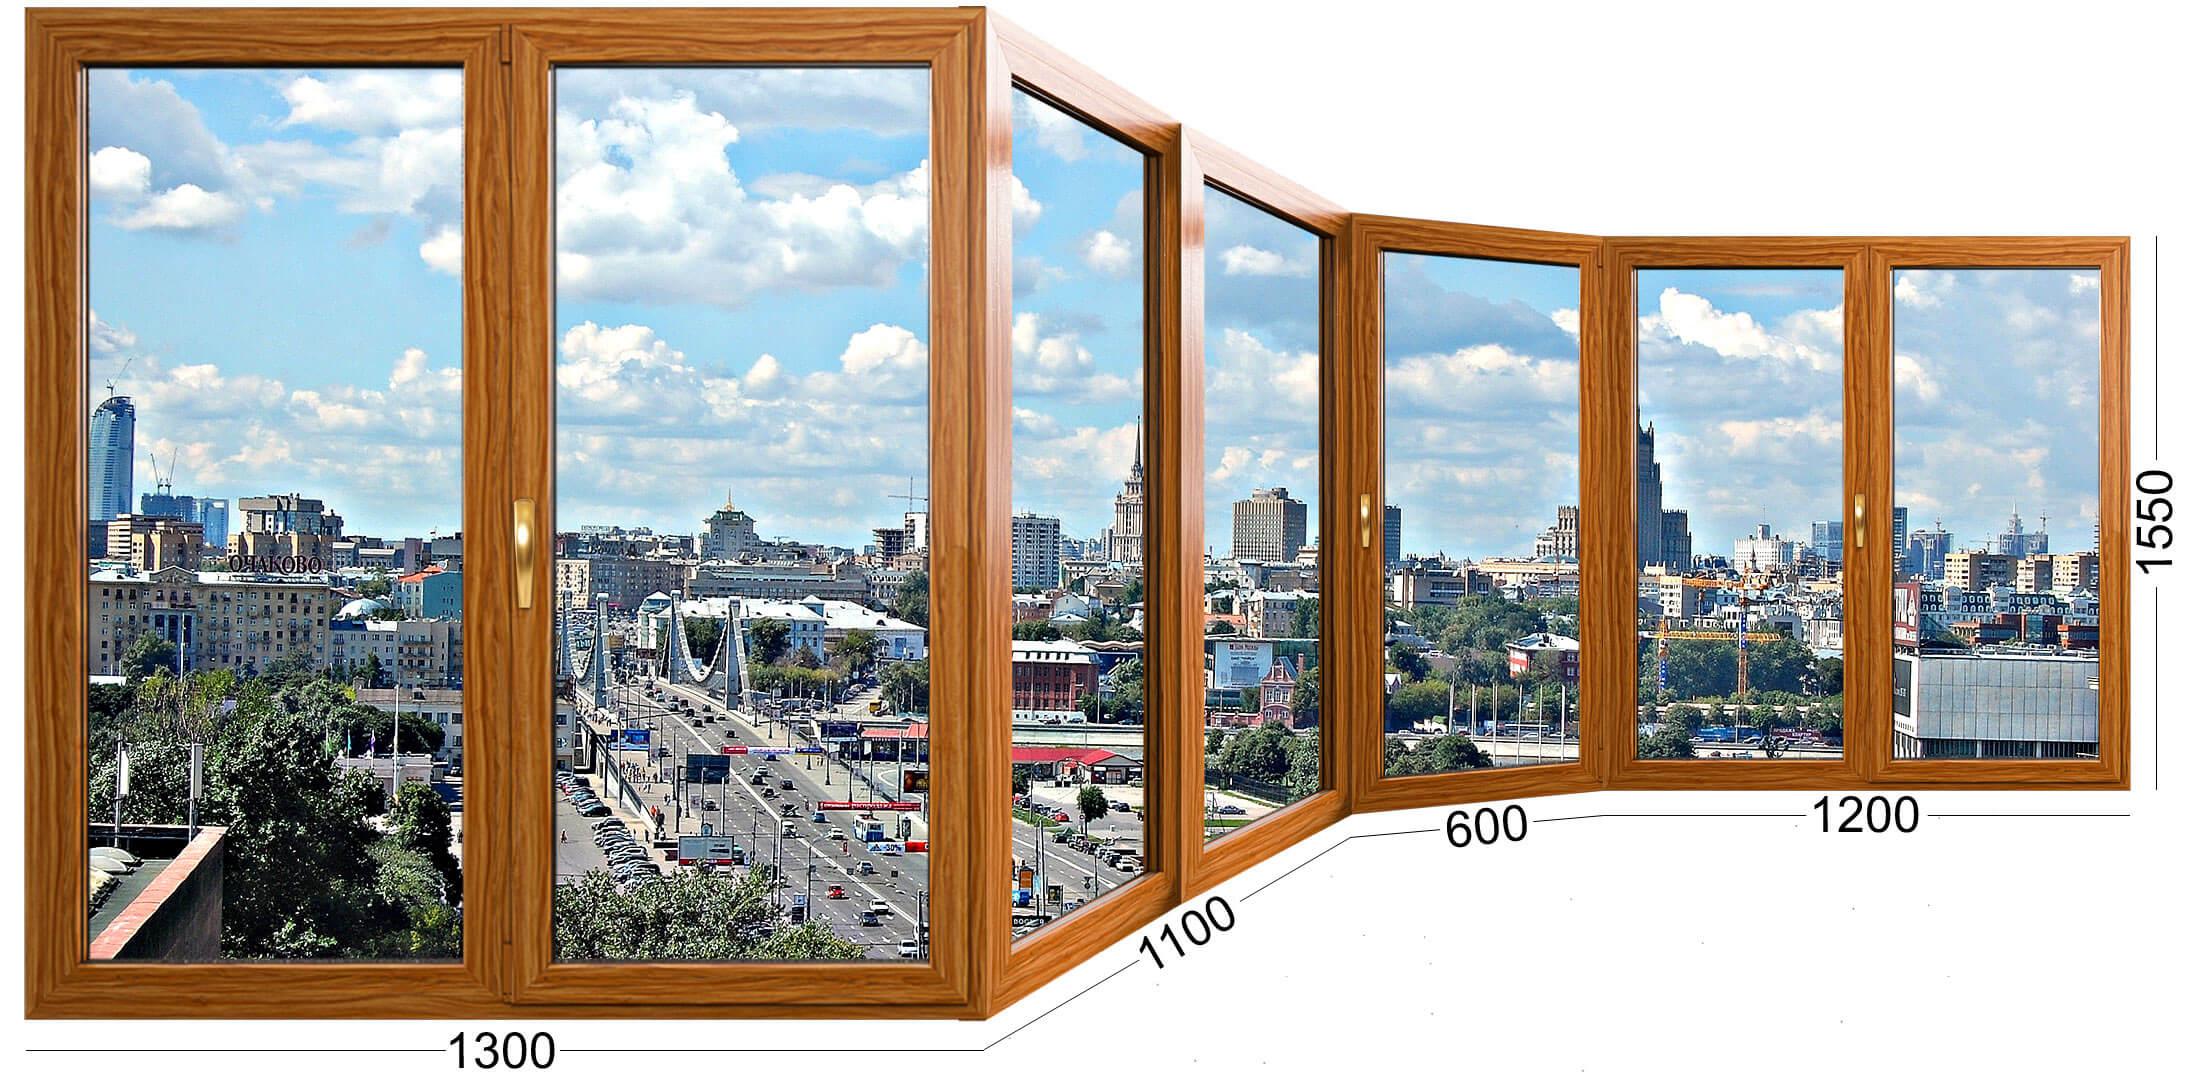 Конструкция окна типа каблук из деревянного окна П3-М дом серии. Белый. Фото балкона